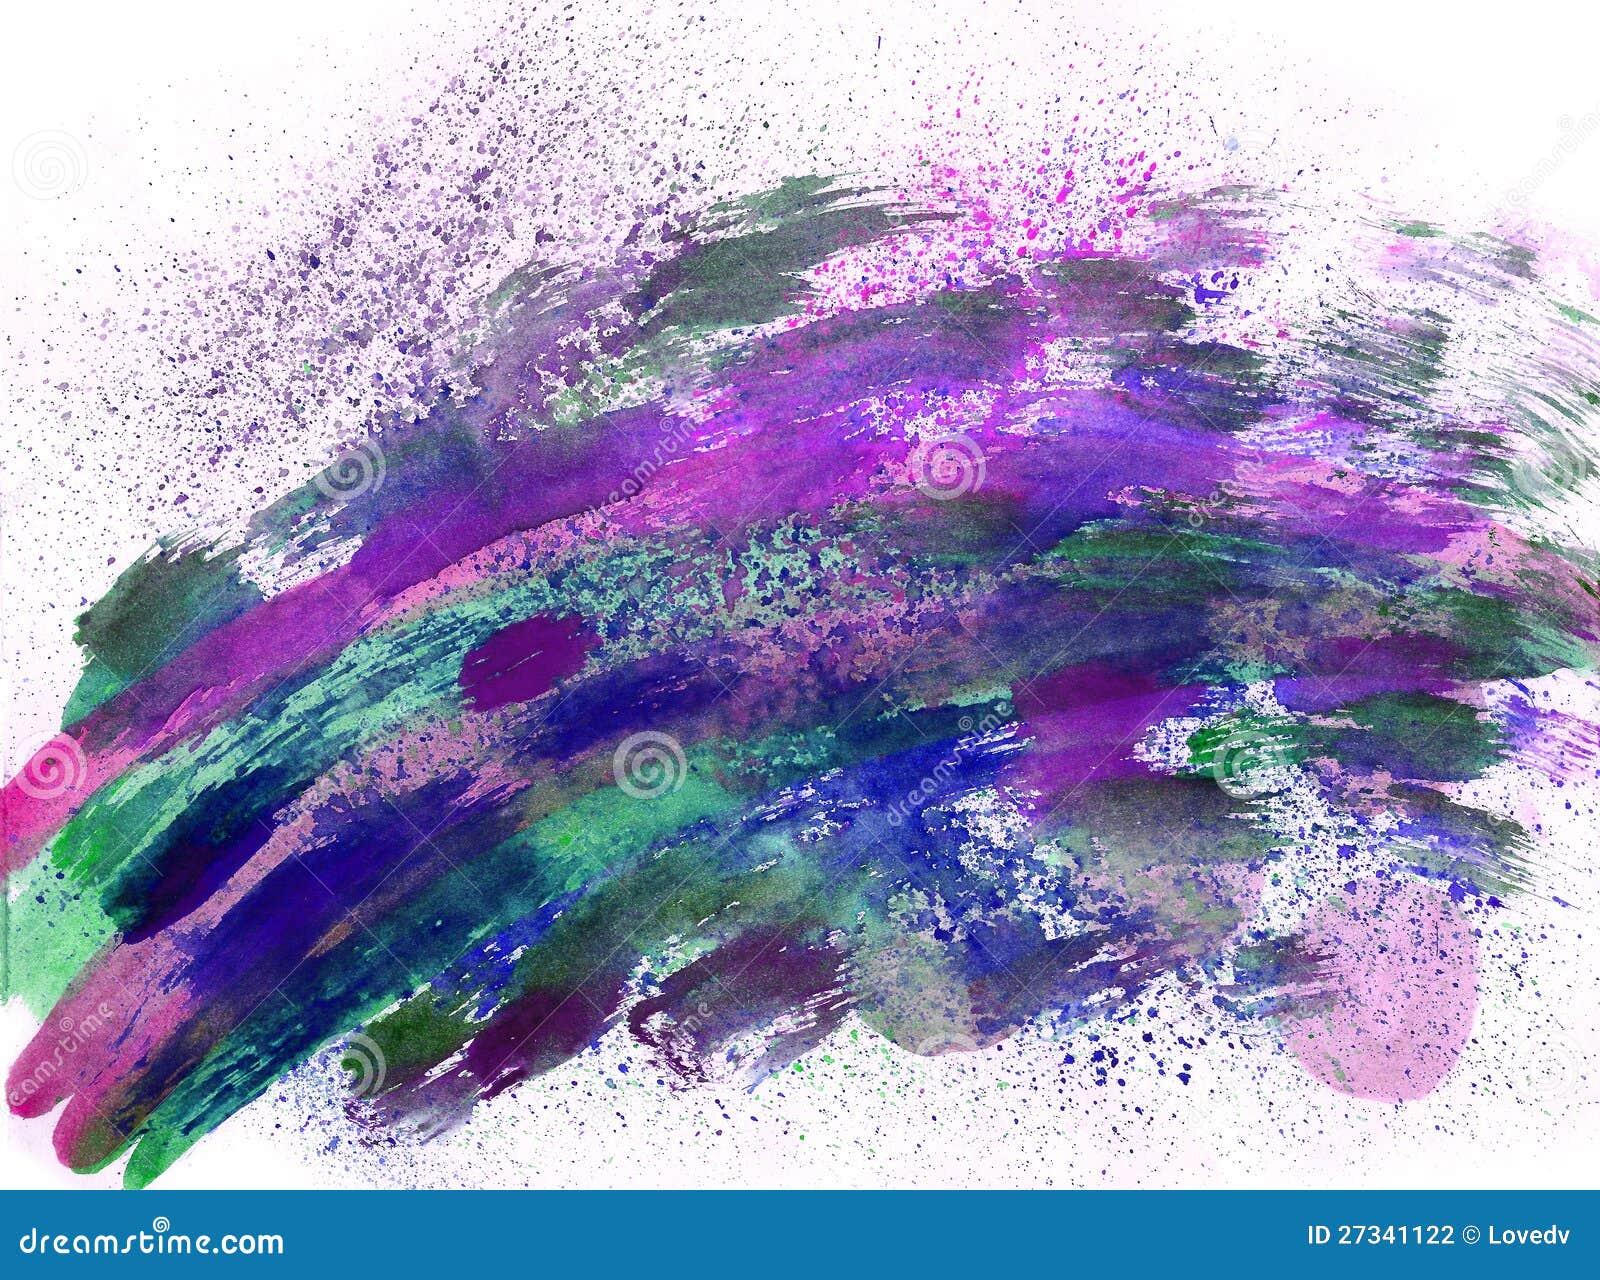 Как сделать фото с эффектом рисования красками